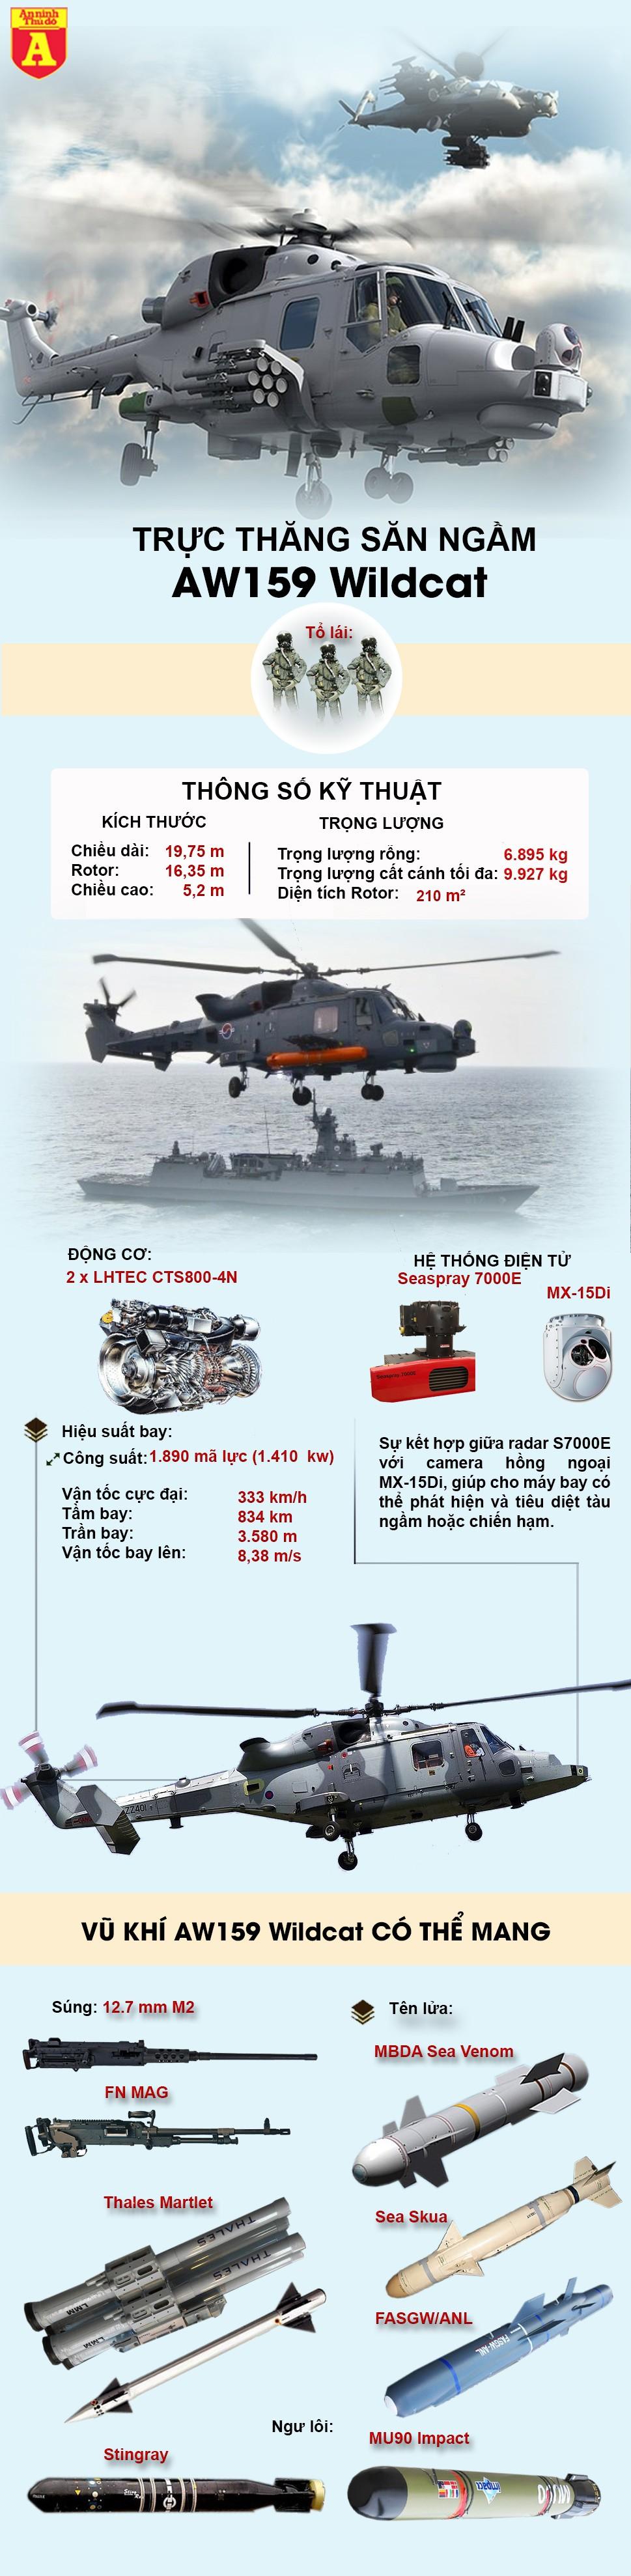 """[Infographic] """"Mèo rừng"""" của Hàn Quốc có thể hủy diệt cả hạm đội tàu ngầm Triều Tiên ảnh 3"""